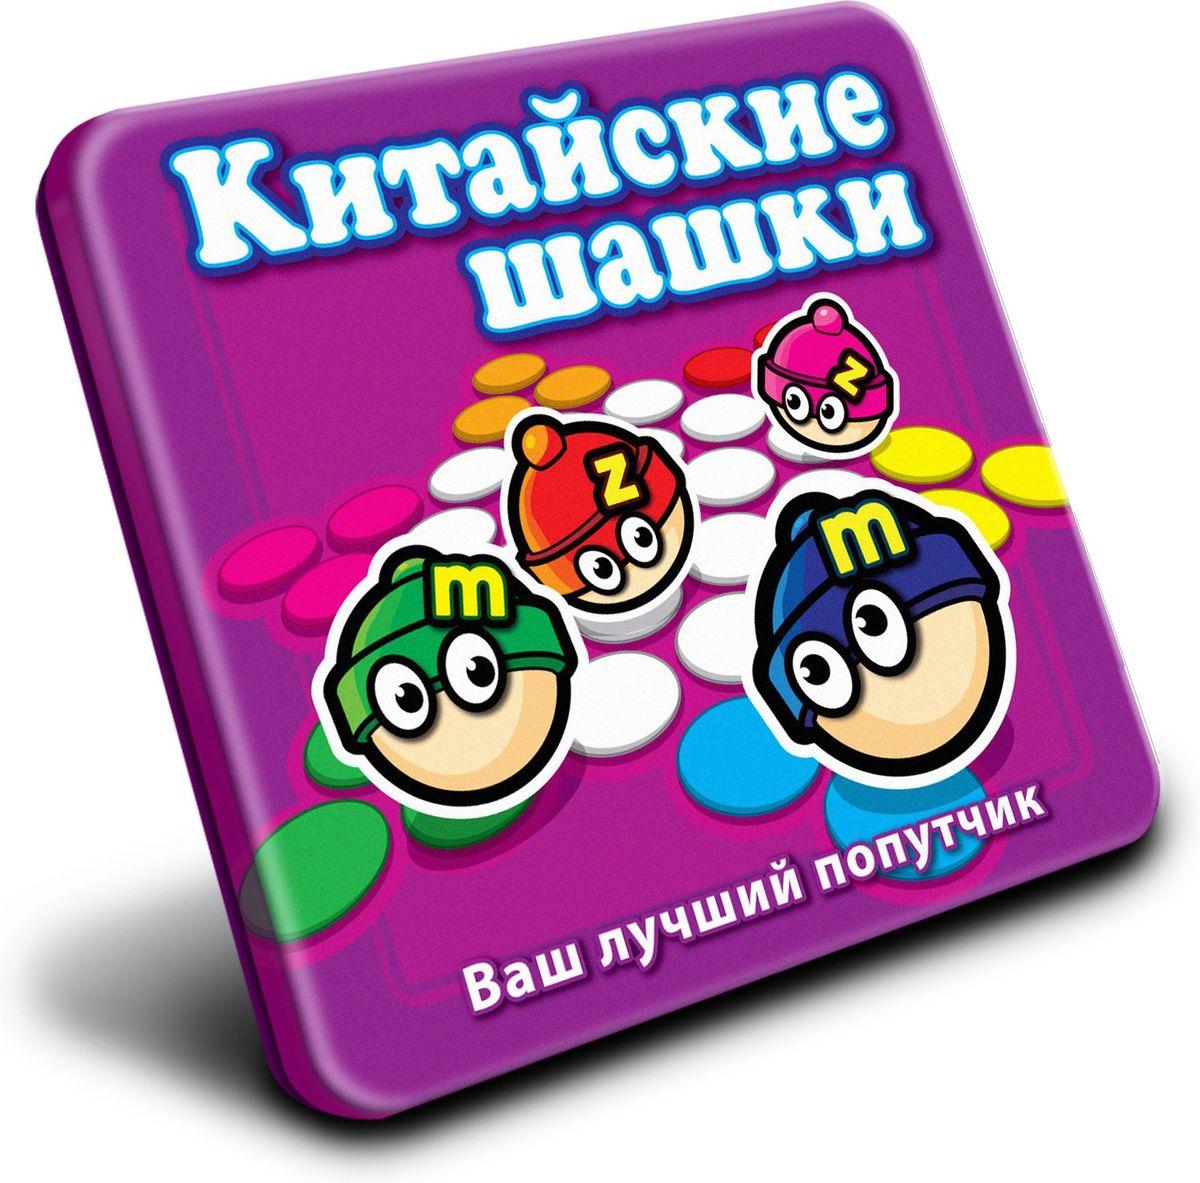 Mack & Zack Магнитная игра Китайские шашкиMT008Несмотря на то, что игра называется Китайские Шашки, она не возникла в Китае или какой-нибудь другой части Азии. Эта игра была изобретена в Бостоне в 1883 или 1884 году и изначальна была известна как Стерн-Халма. Стерн - это немецкое слово, означающее звезда, которое описывает форму игрового поля, а Халма - это греческое слово, означающее прыжок. Помоги Маку перепрыгнуть всеми своими фишками на другой конец звезды в магнитной игре Китайские шашки!